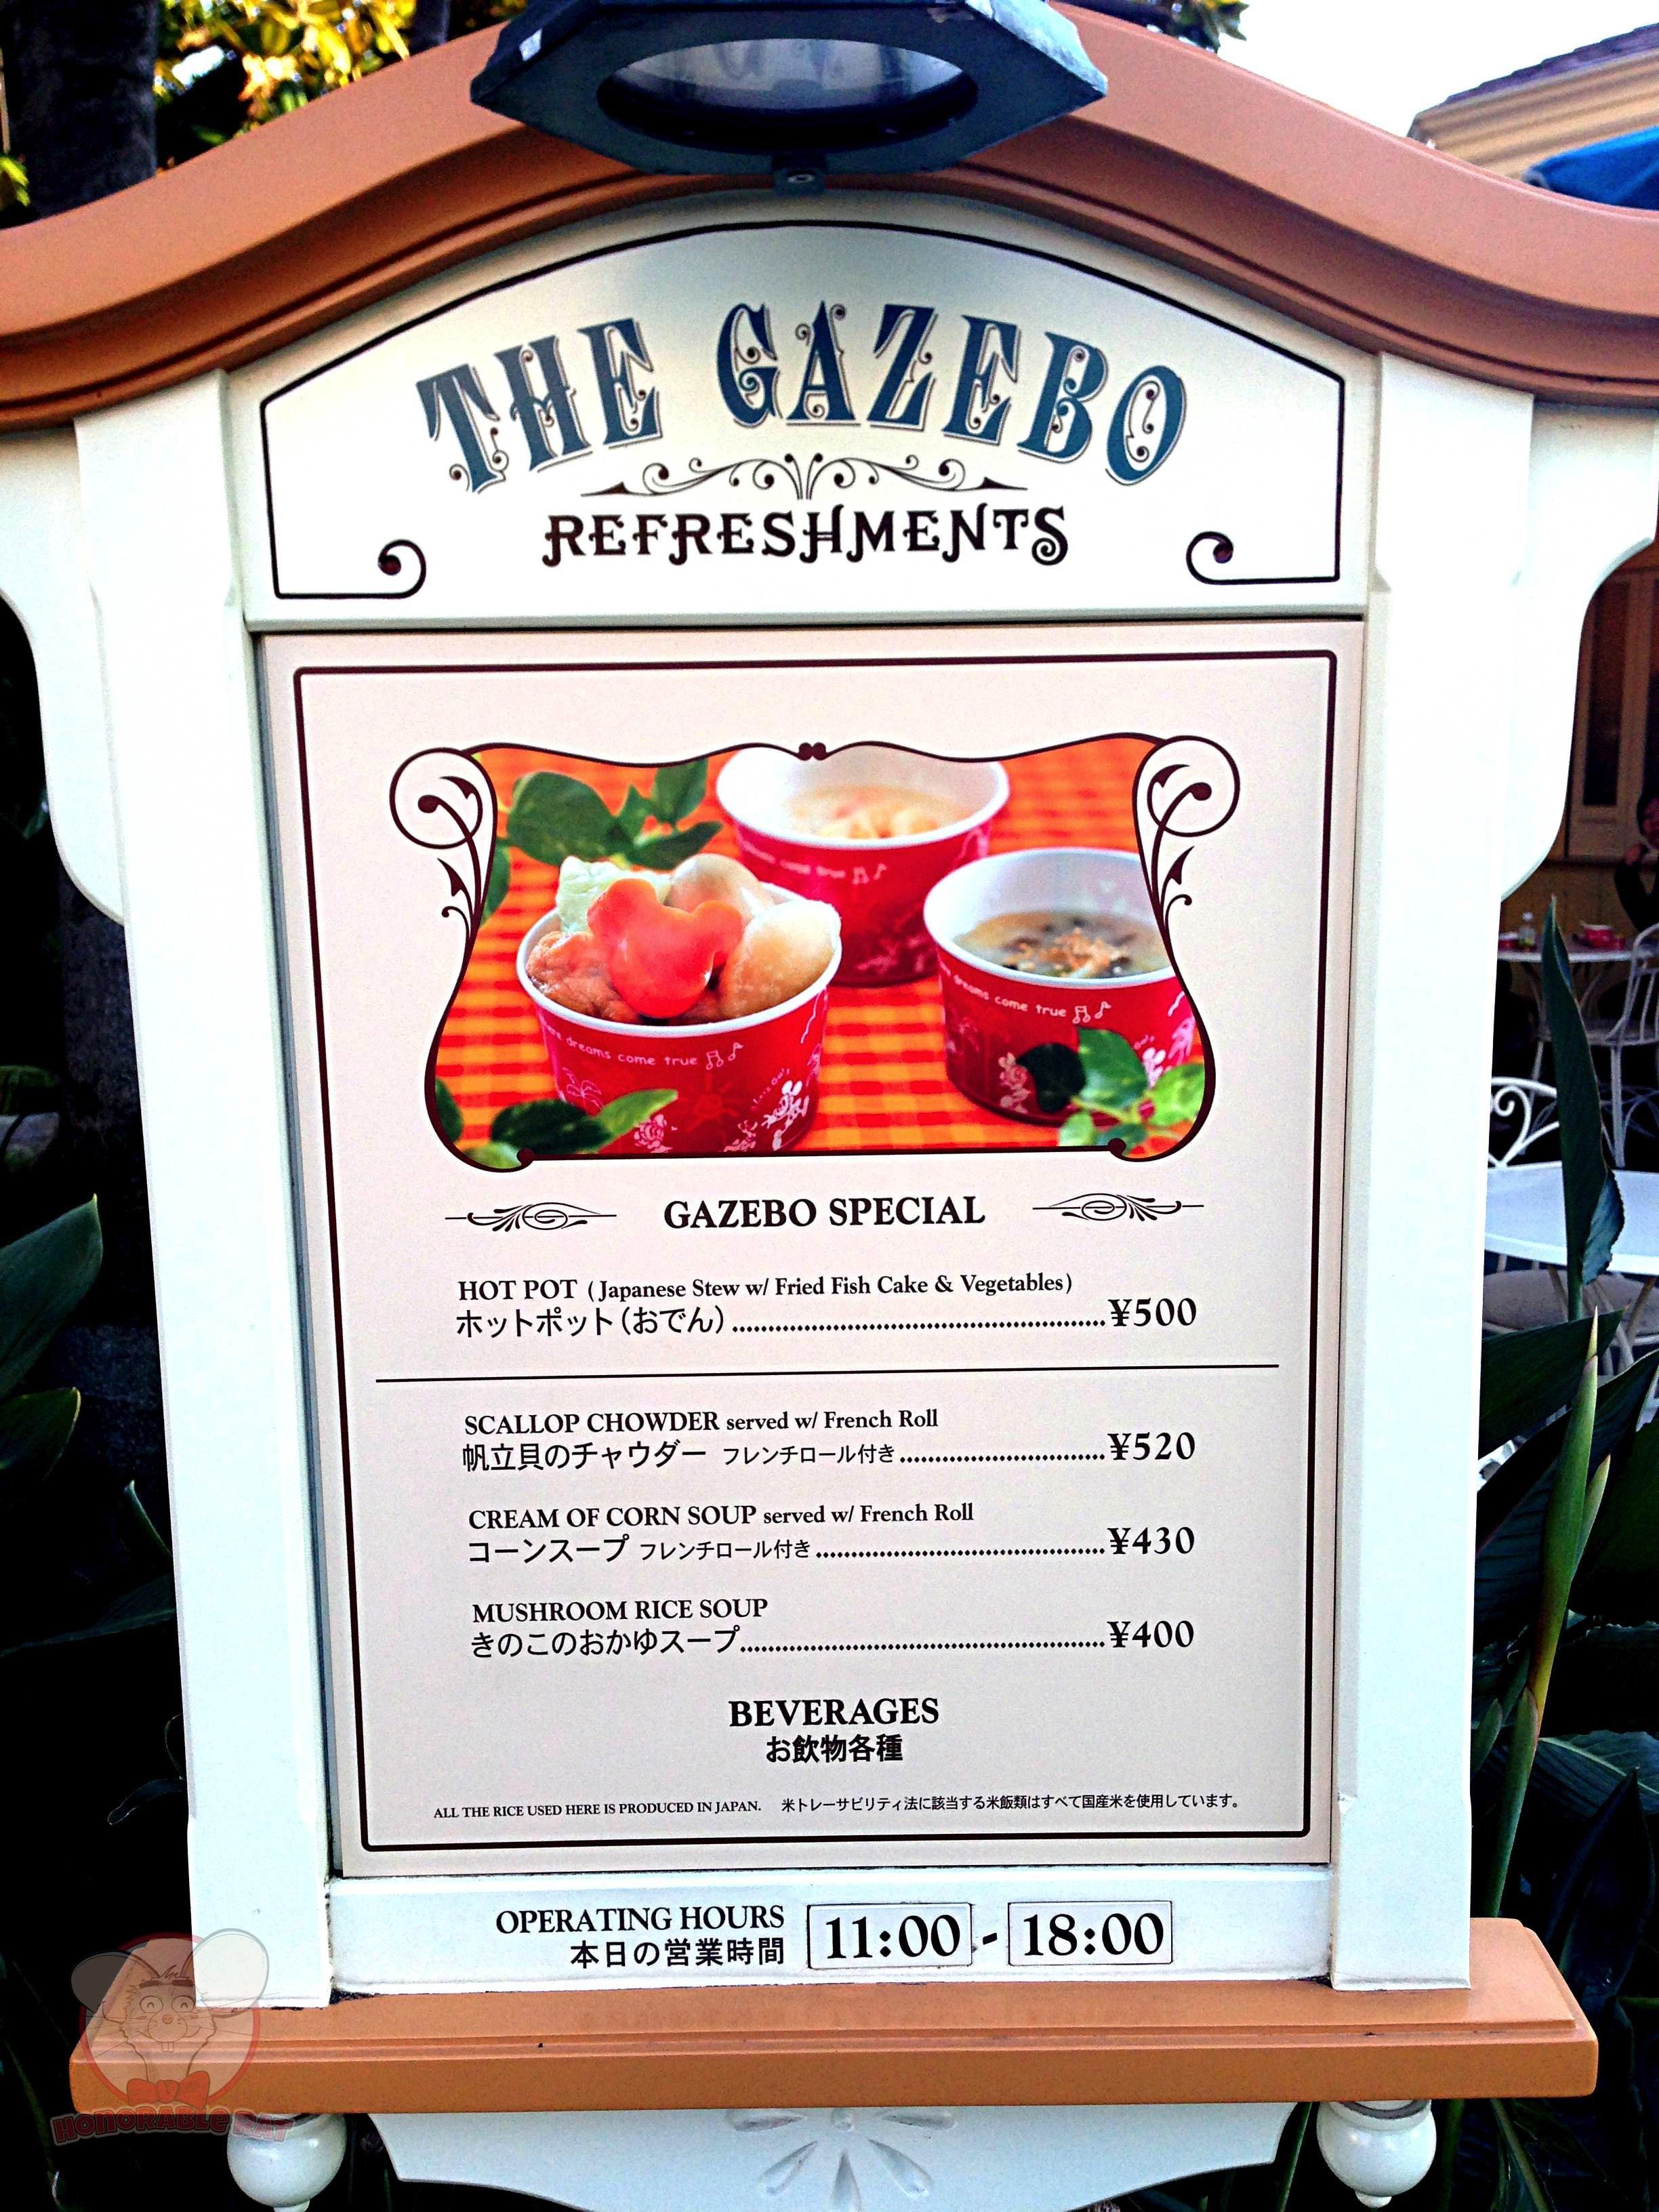 The Gazebo's menu